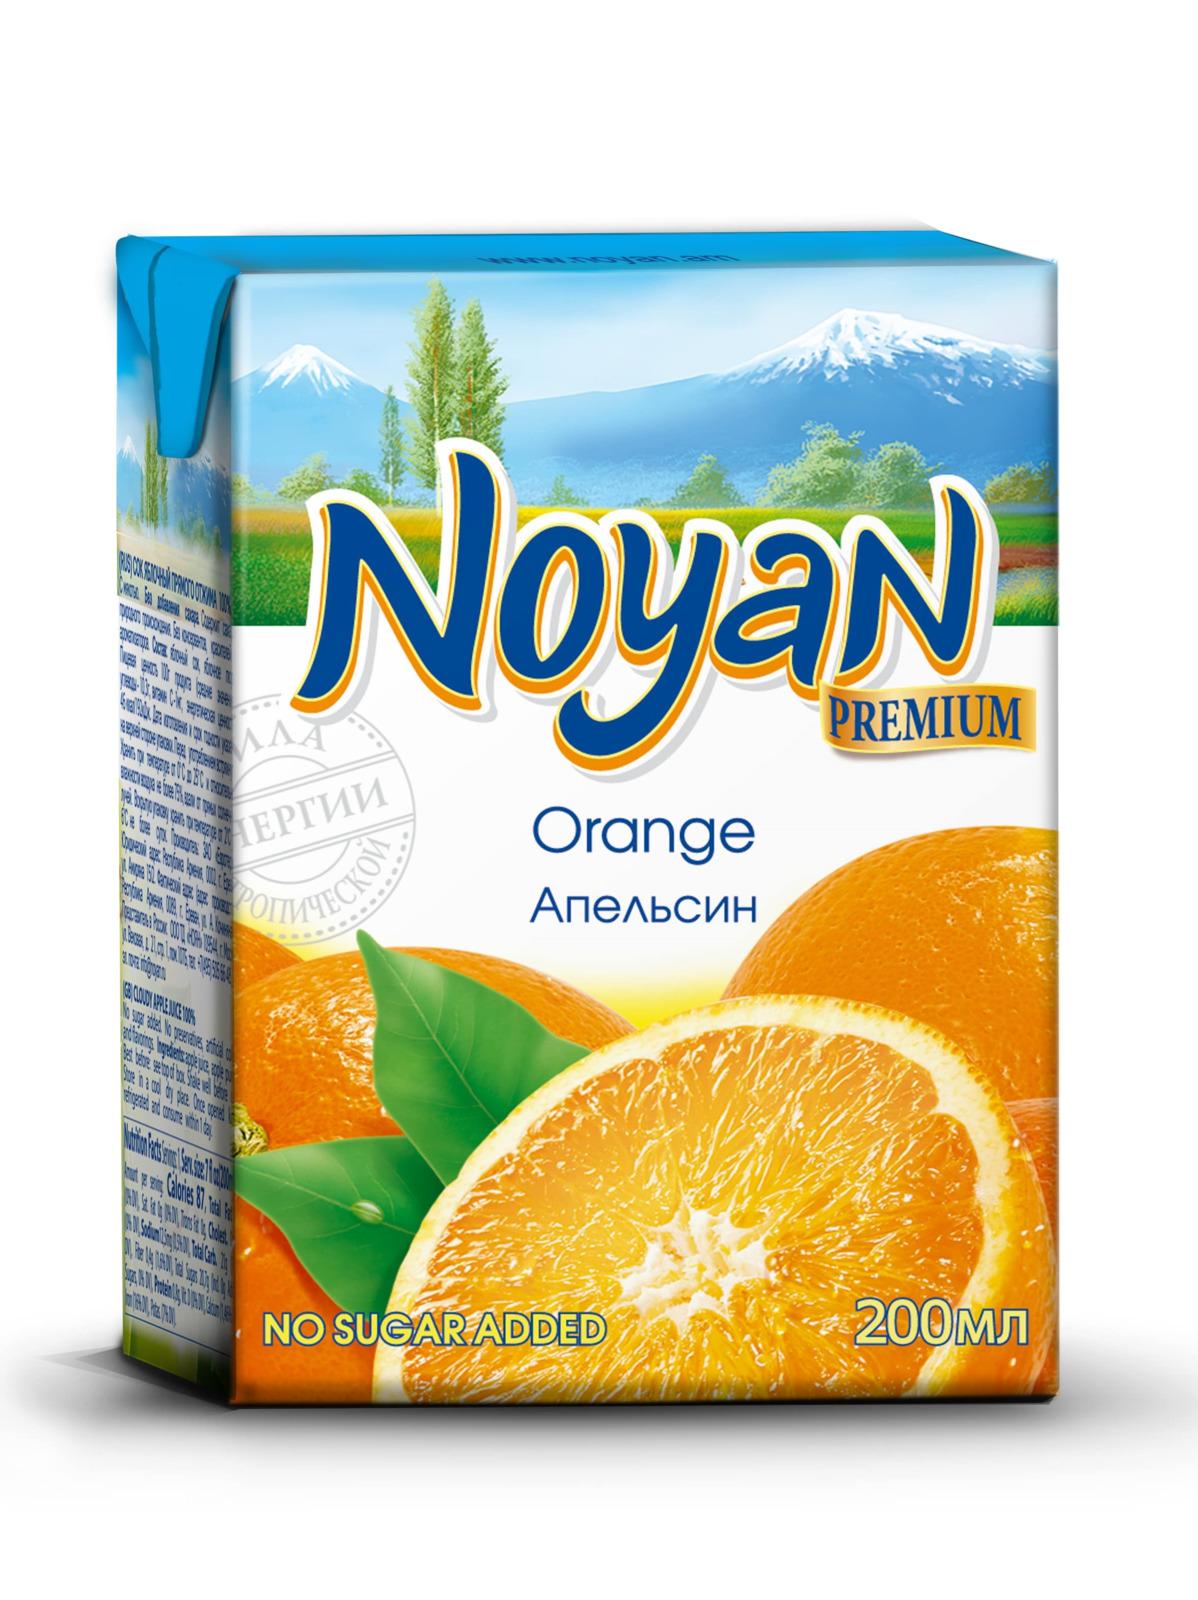 Сок апельсиновый Noyan Premium, 200 мл noyan яблочный сок premium 200 мл